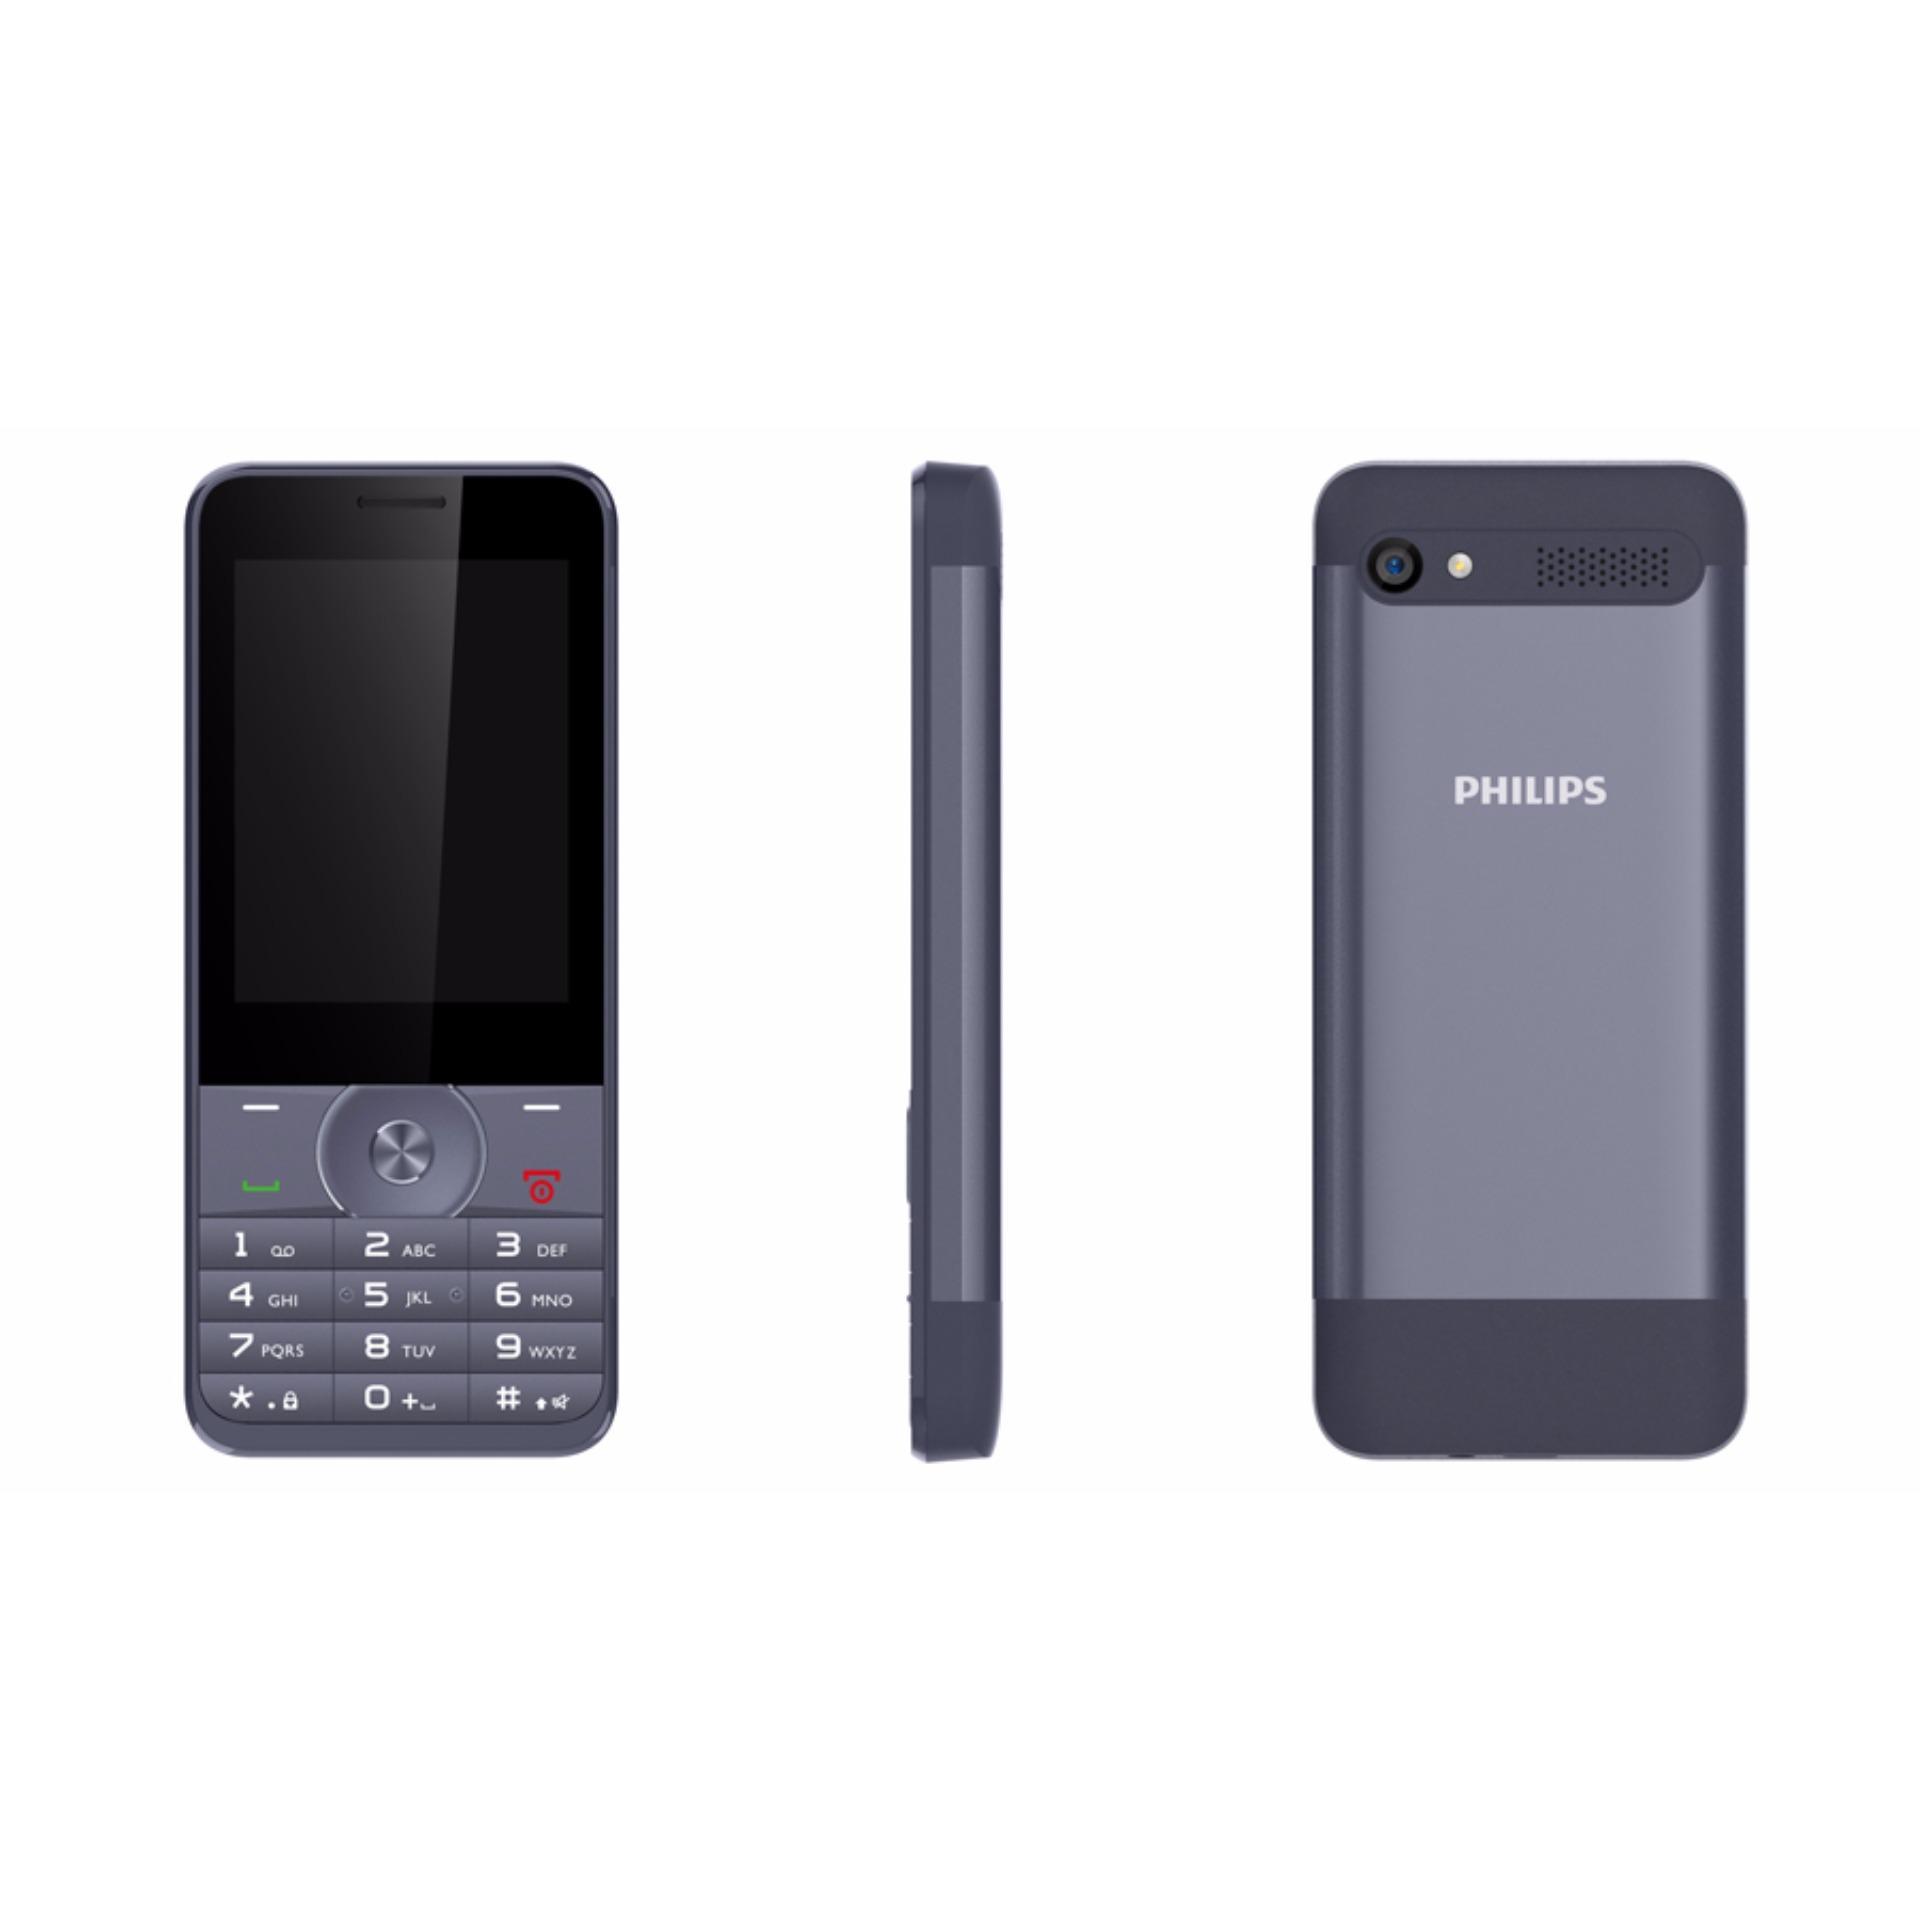 ĐTDĐ Philips E316 2 SIM 2 Sóng Vỏ Nhôm Sang Trọng (Xanh Đen)